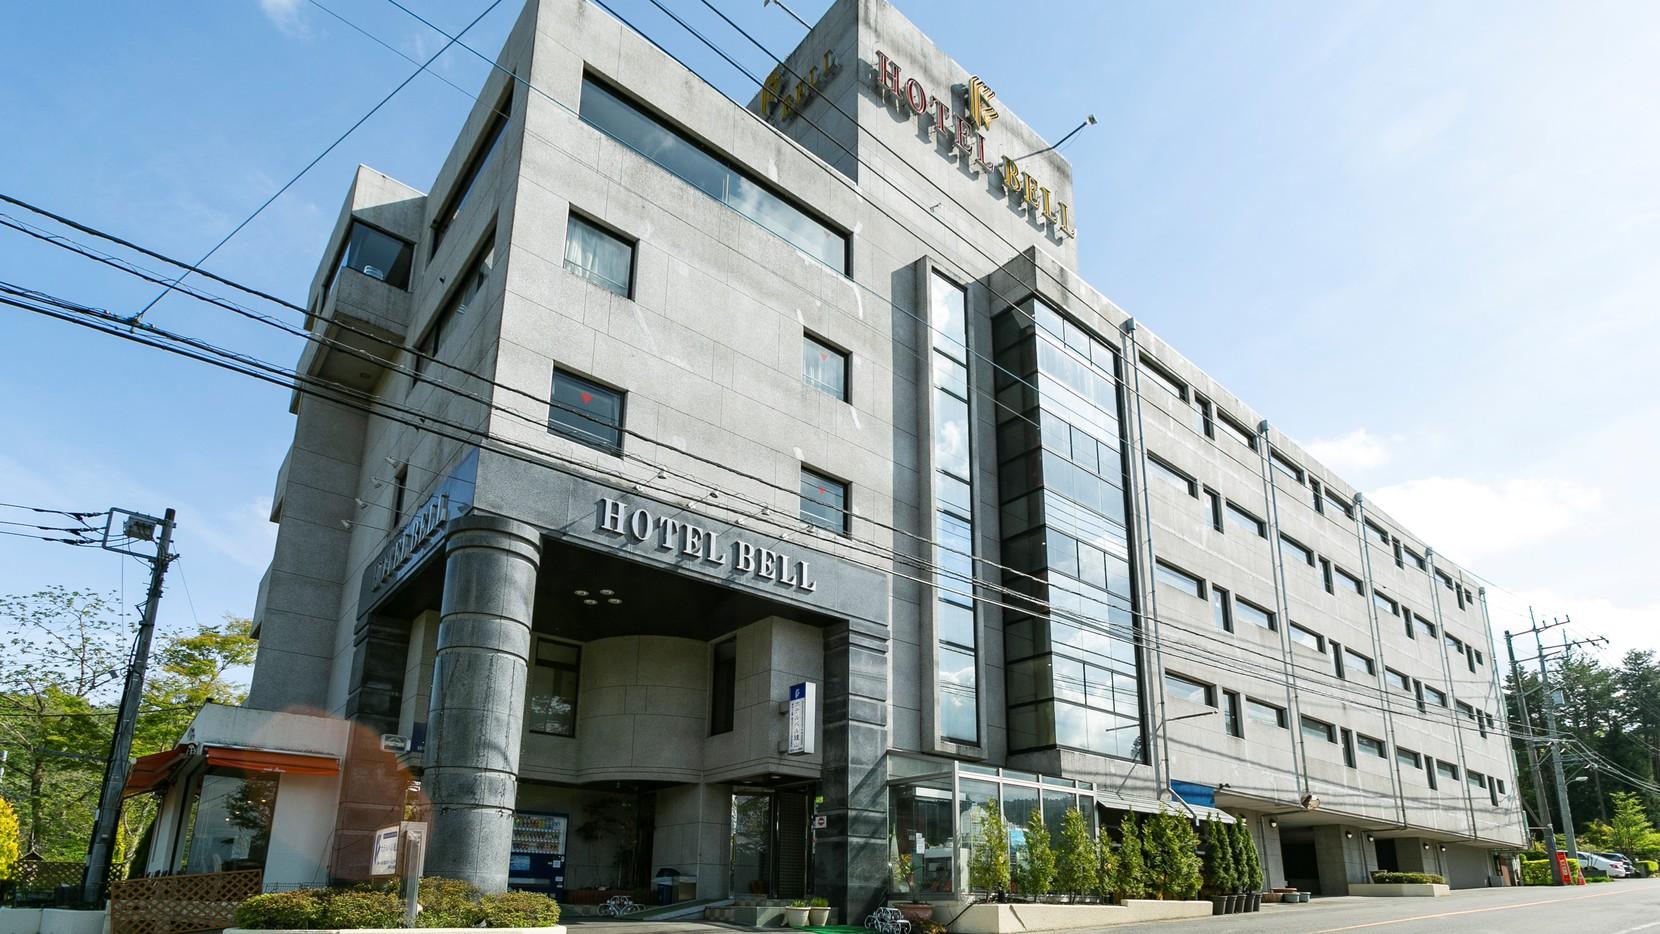 ホテルベル鐘山 富士五湖リゾート&ビジネスの施設画像